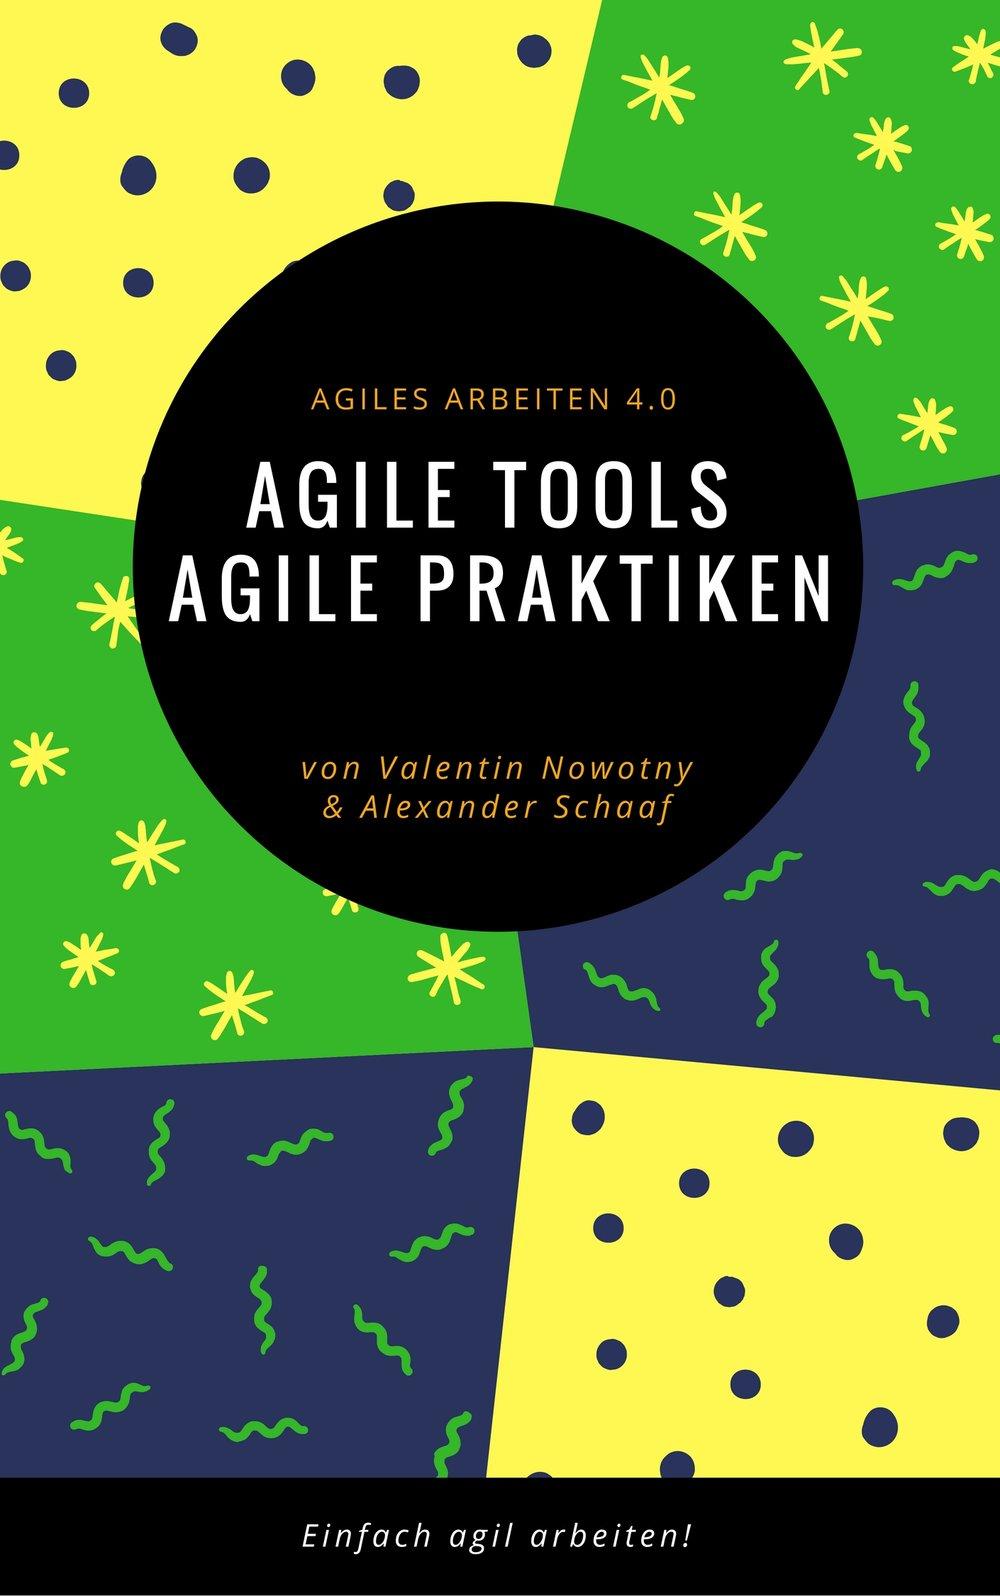 Agile Tools, Agile Praktiken (1).jpg